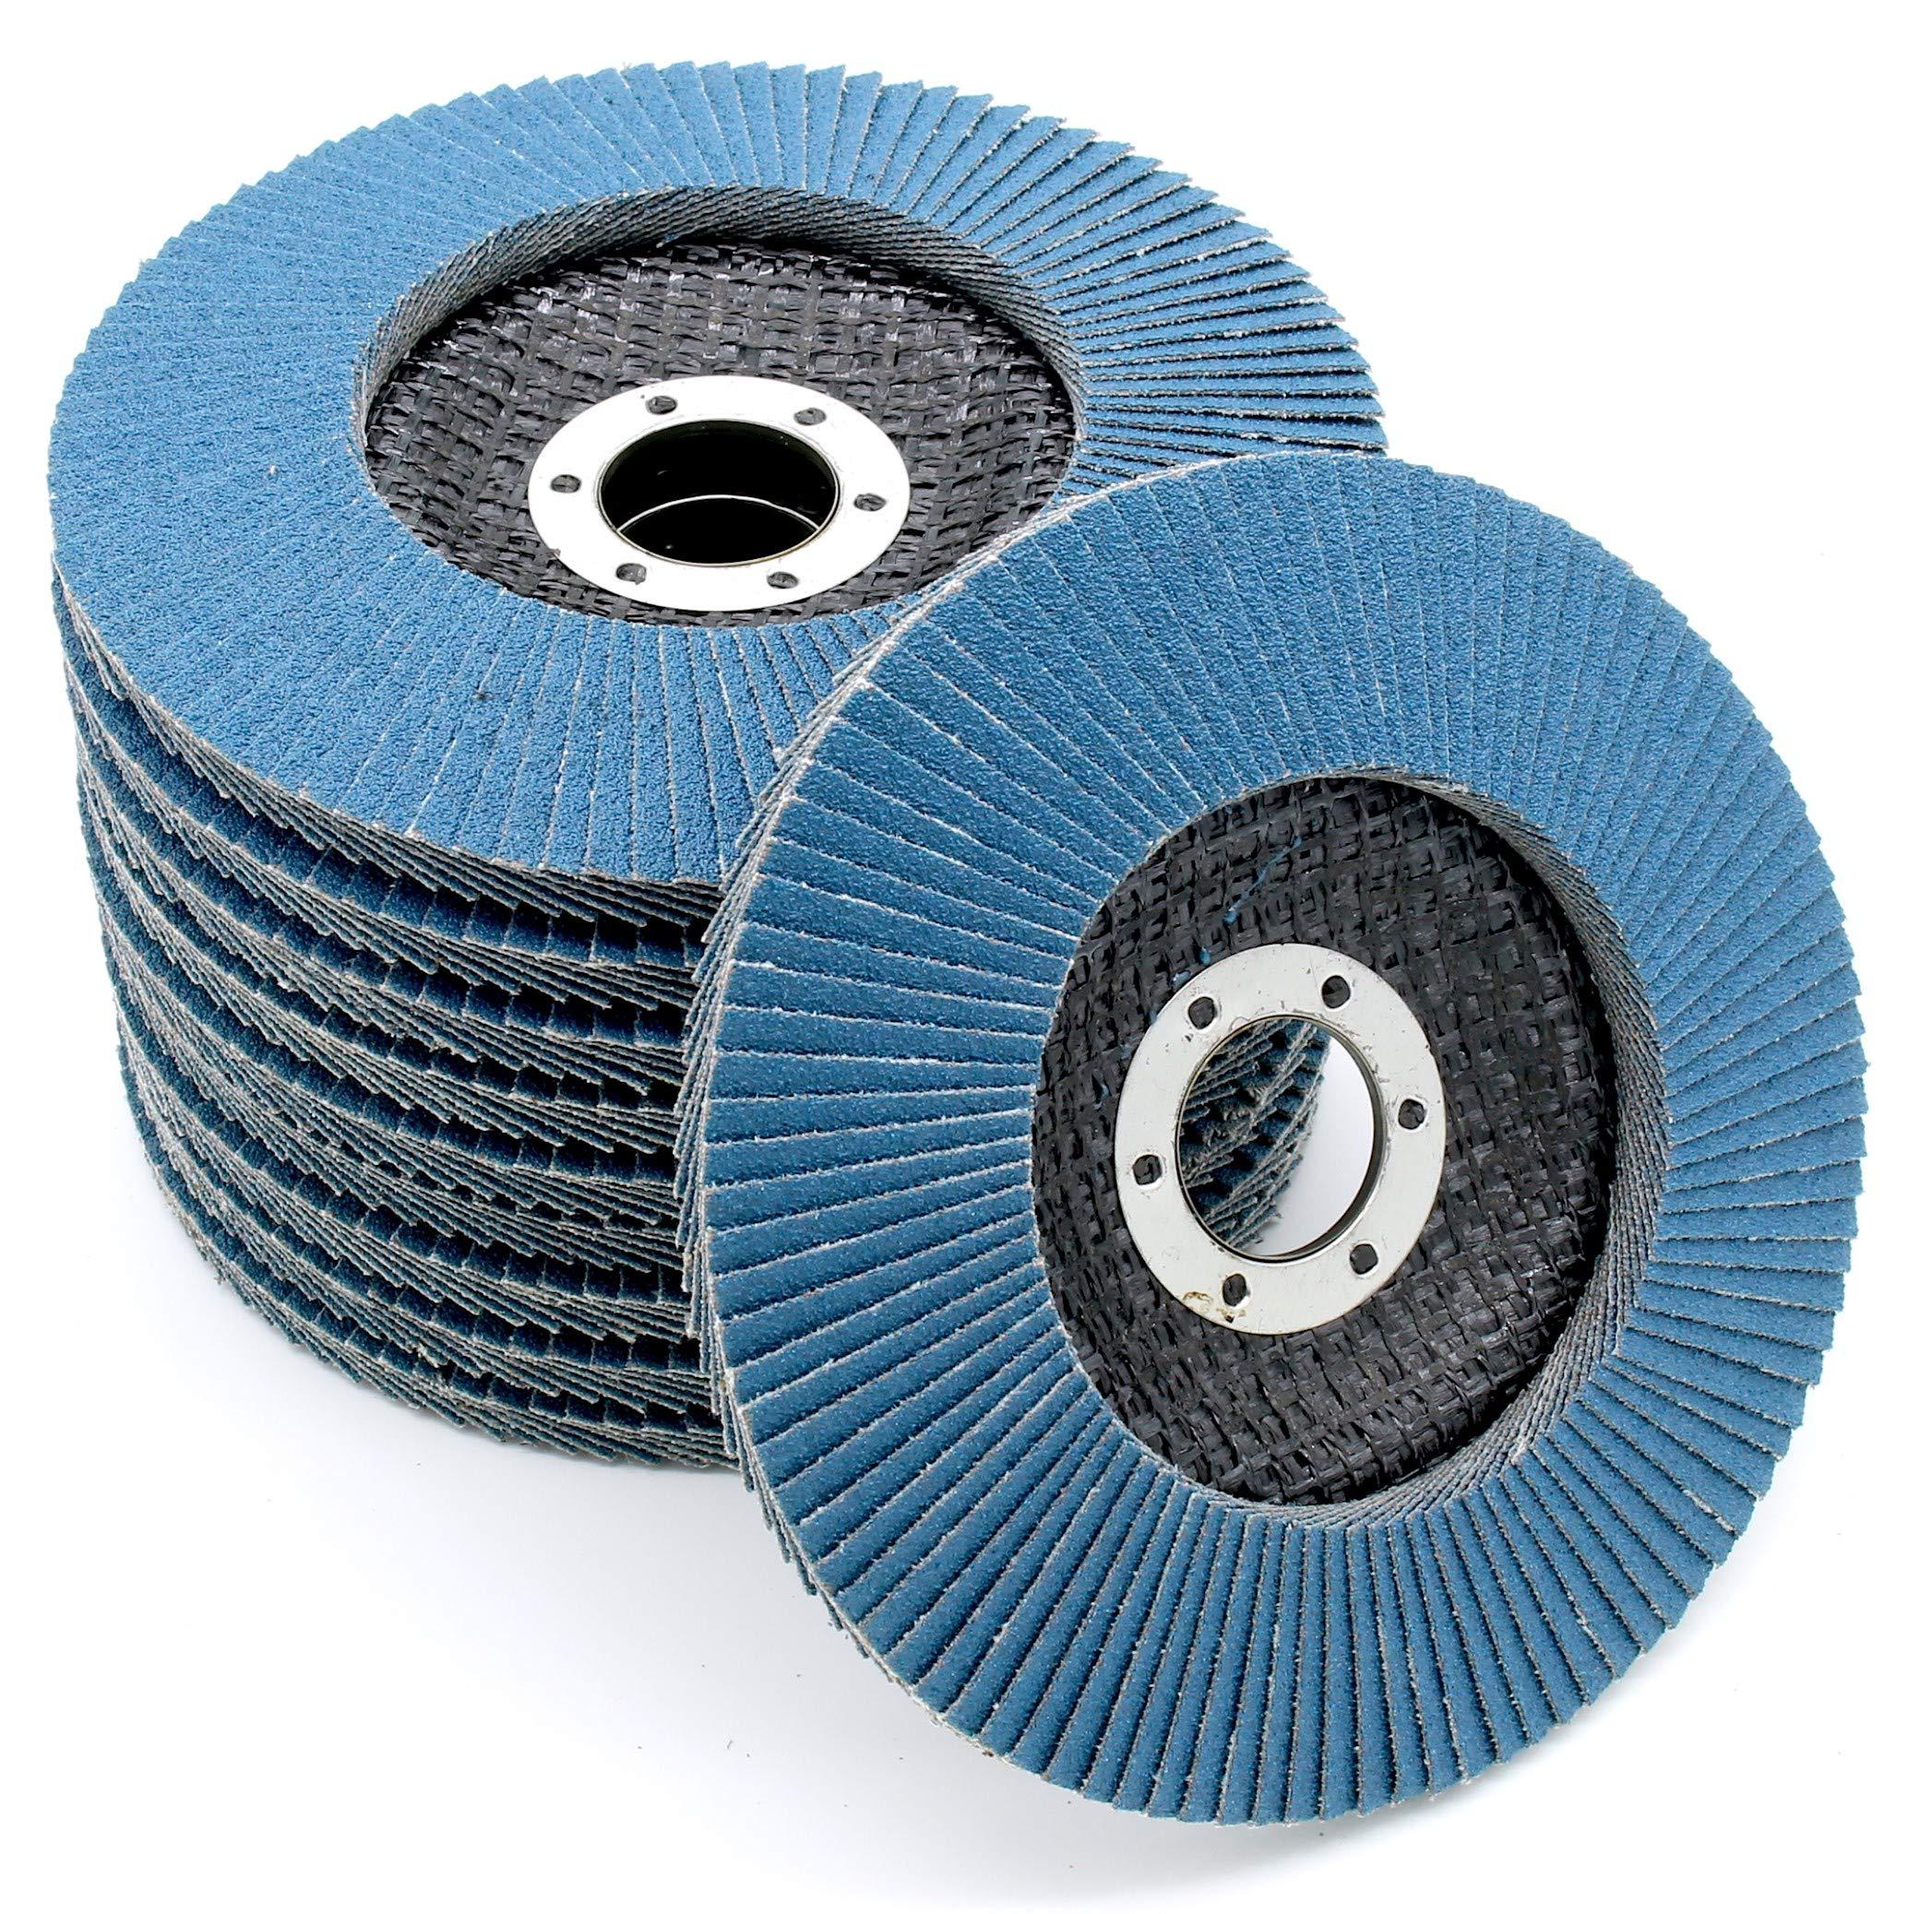 FD-Workstuff Lot de 25 disques abrasifs professionnels 10 trous /Ø 225 mm grain 40 pour ponceuse longue dur/ée